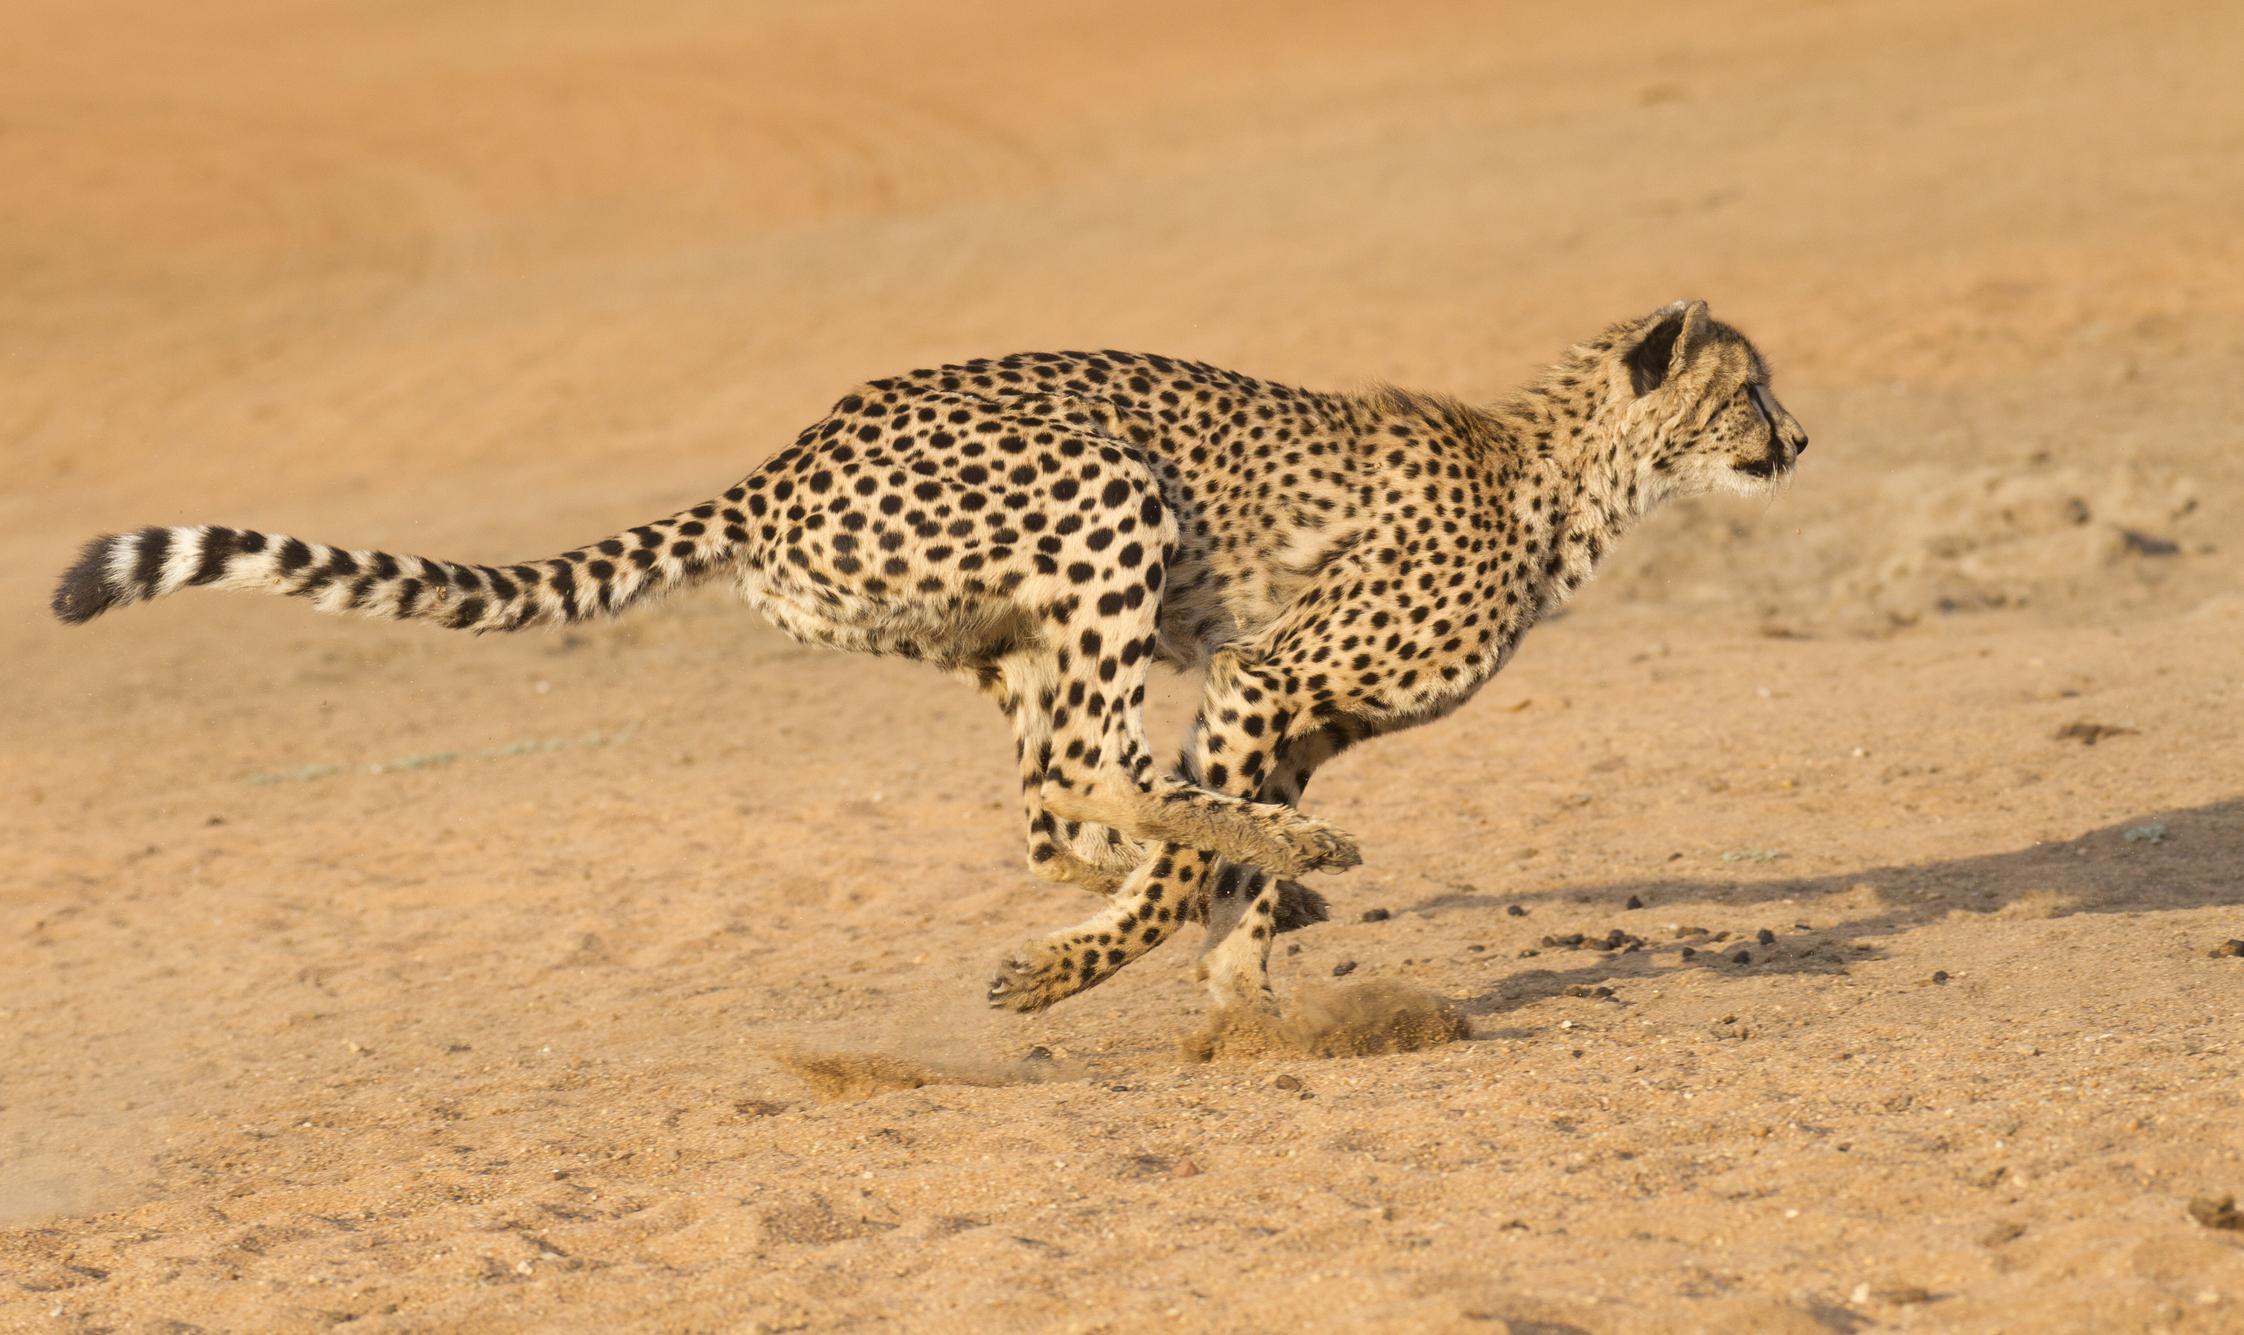 El Guepardo consigue la máxima aceleración gracias a sus capacidades innatas.